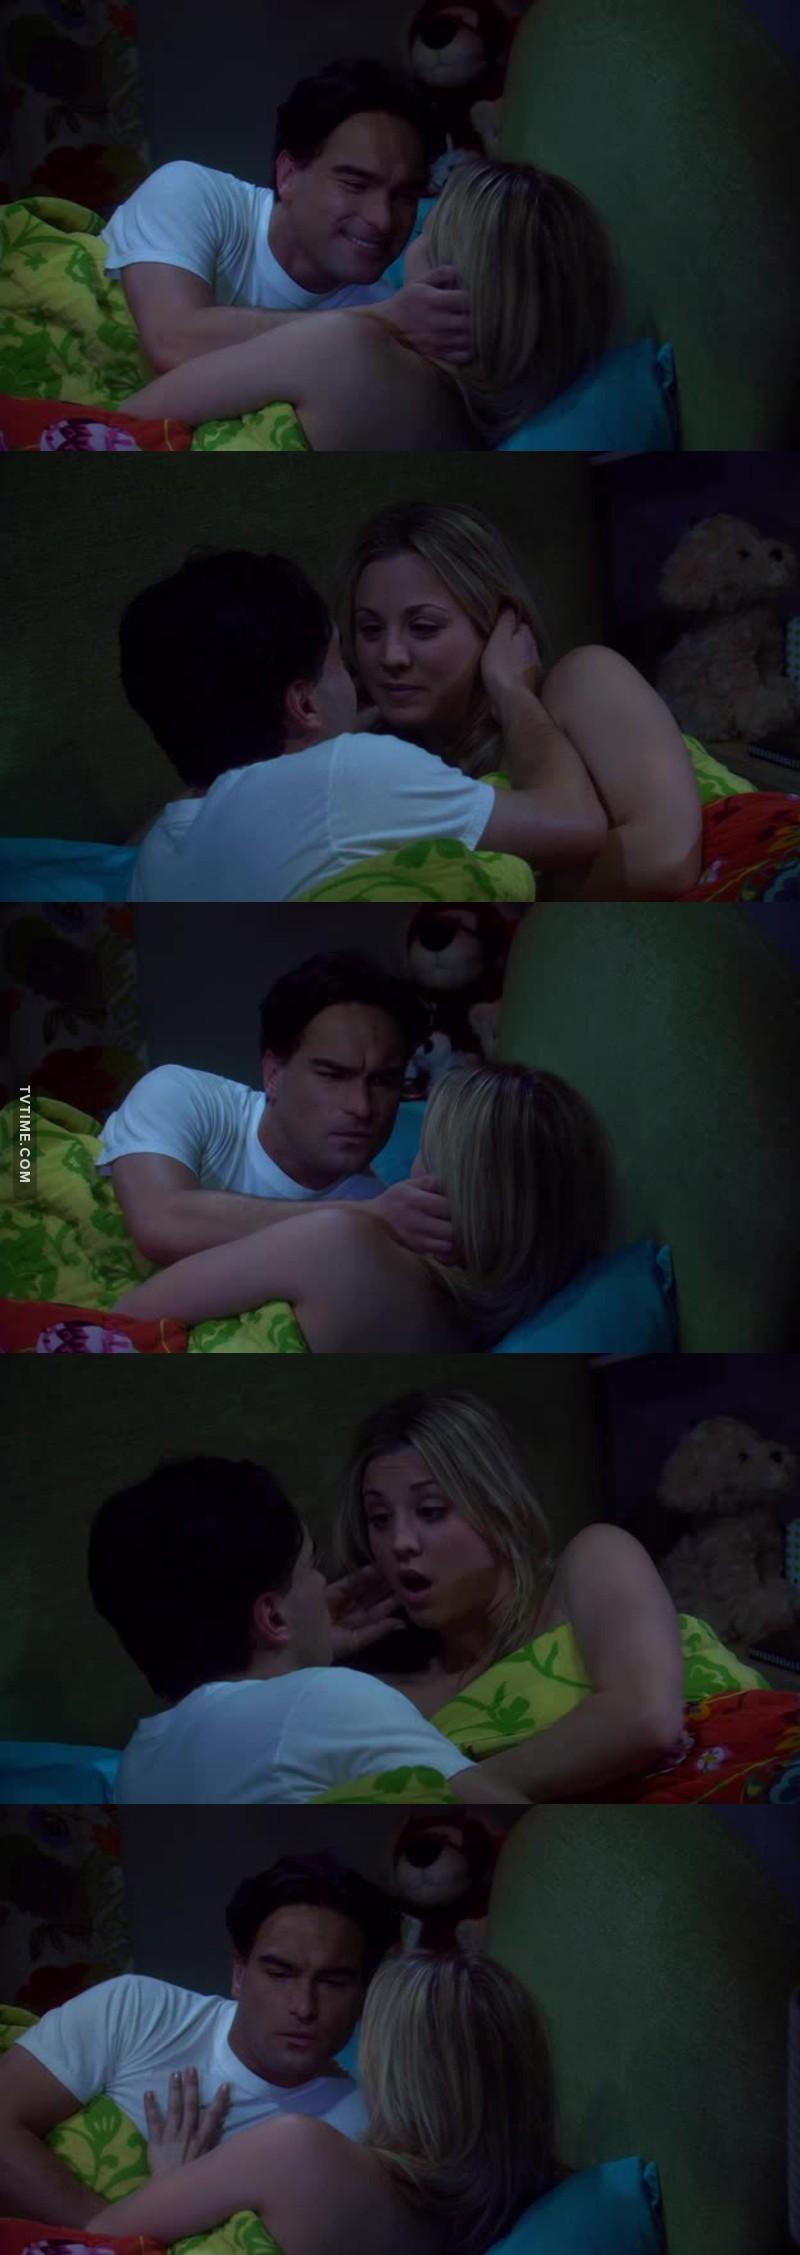 """""""- Ti amo, Penny! - Ti ringrazio! - Ma figurati!""""  Rido per sempre! 😂😂😂🔝"""